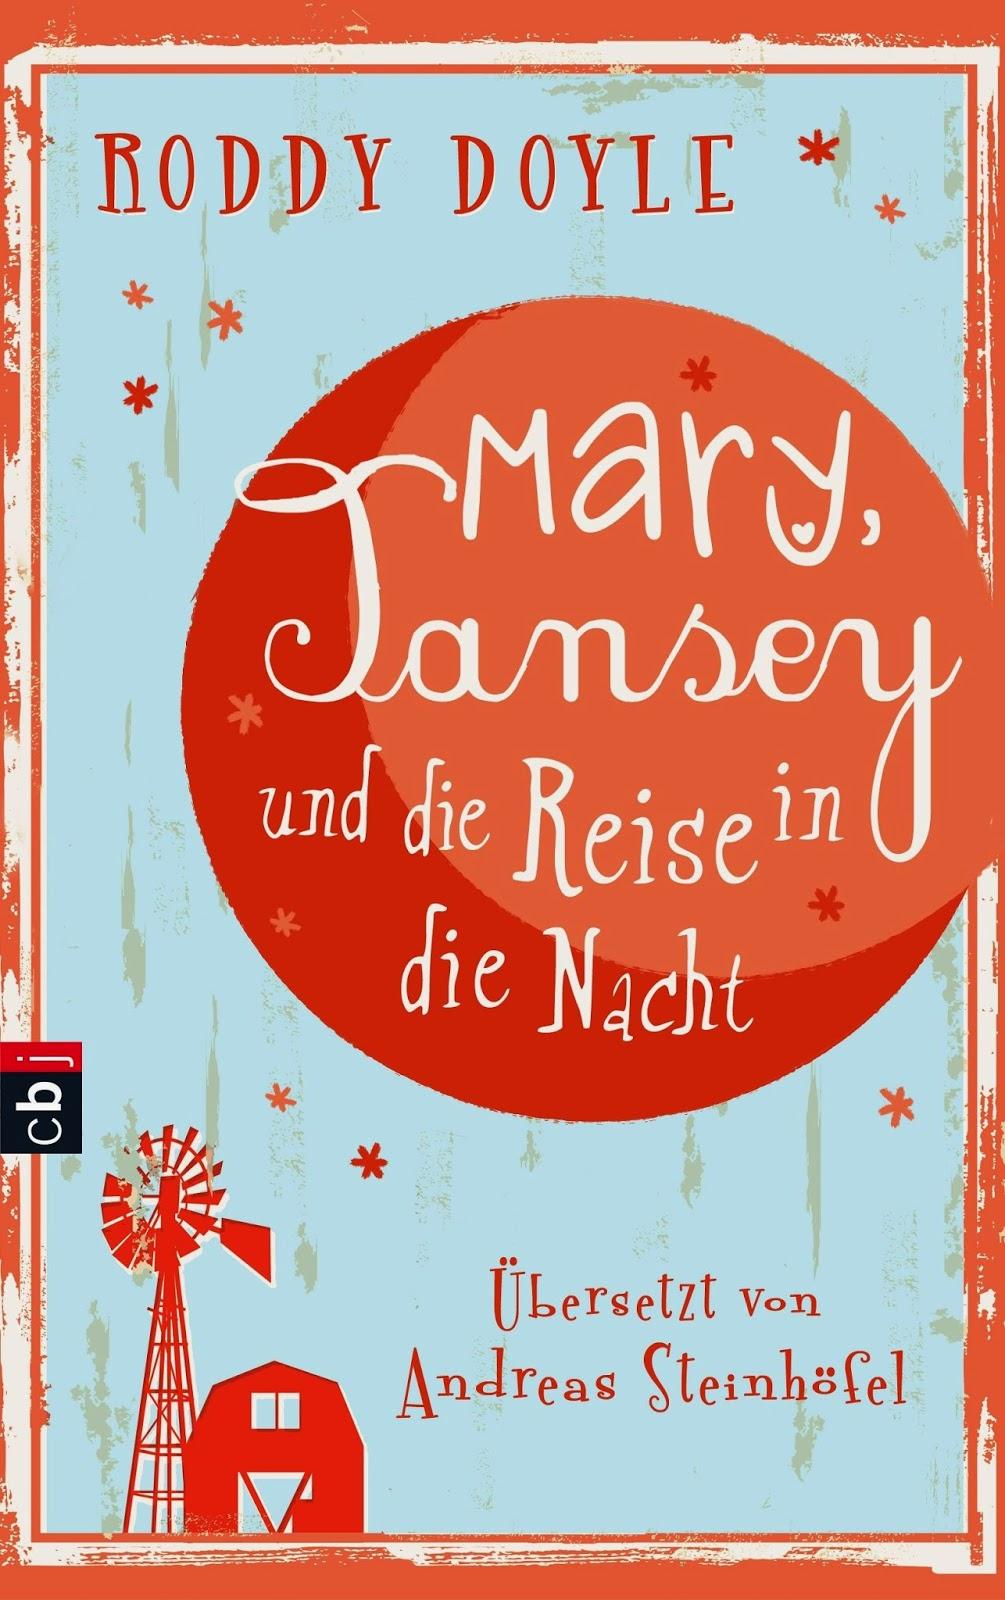 http://www.randomhouse.de/Taschenbuch/Mary-Tansey-und-die-Reise-in-die-Nacht/Roddy-Doyle/e438159.rhd